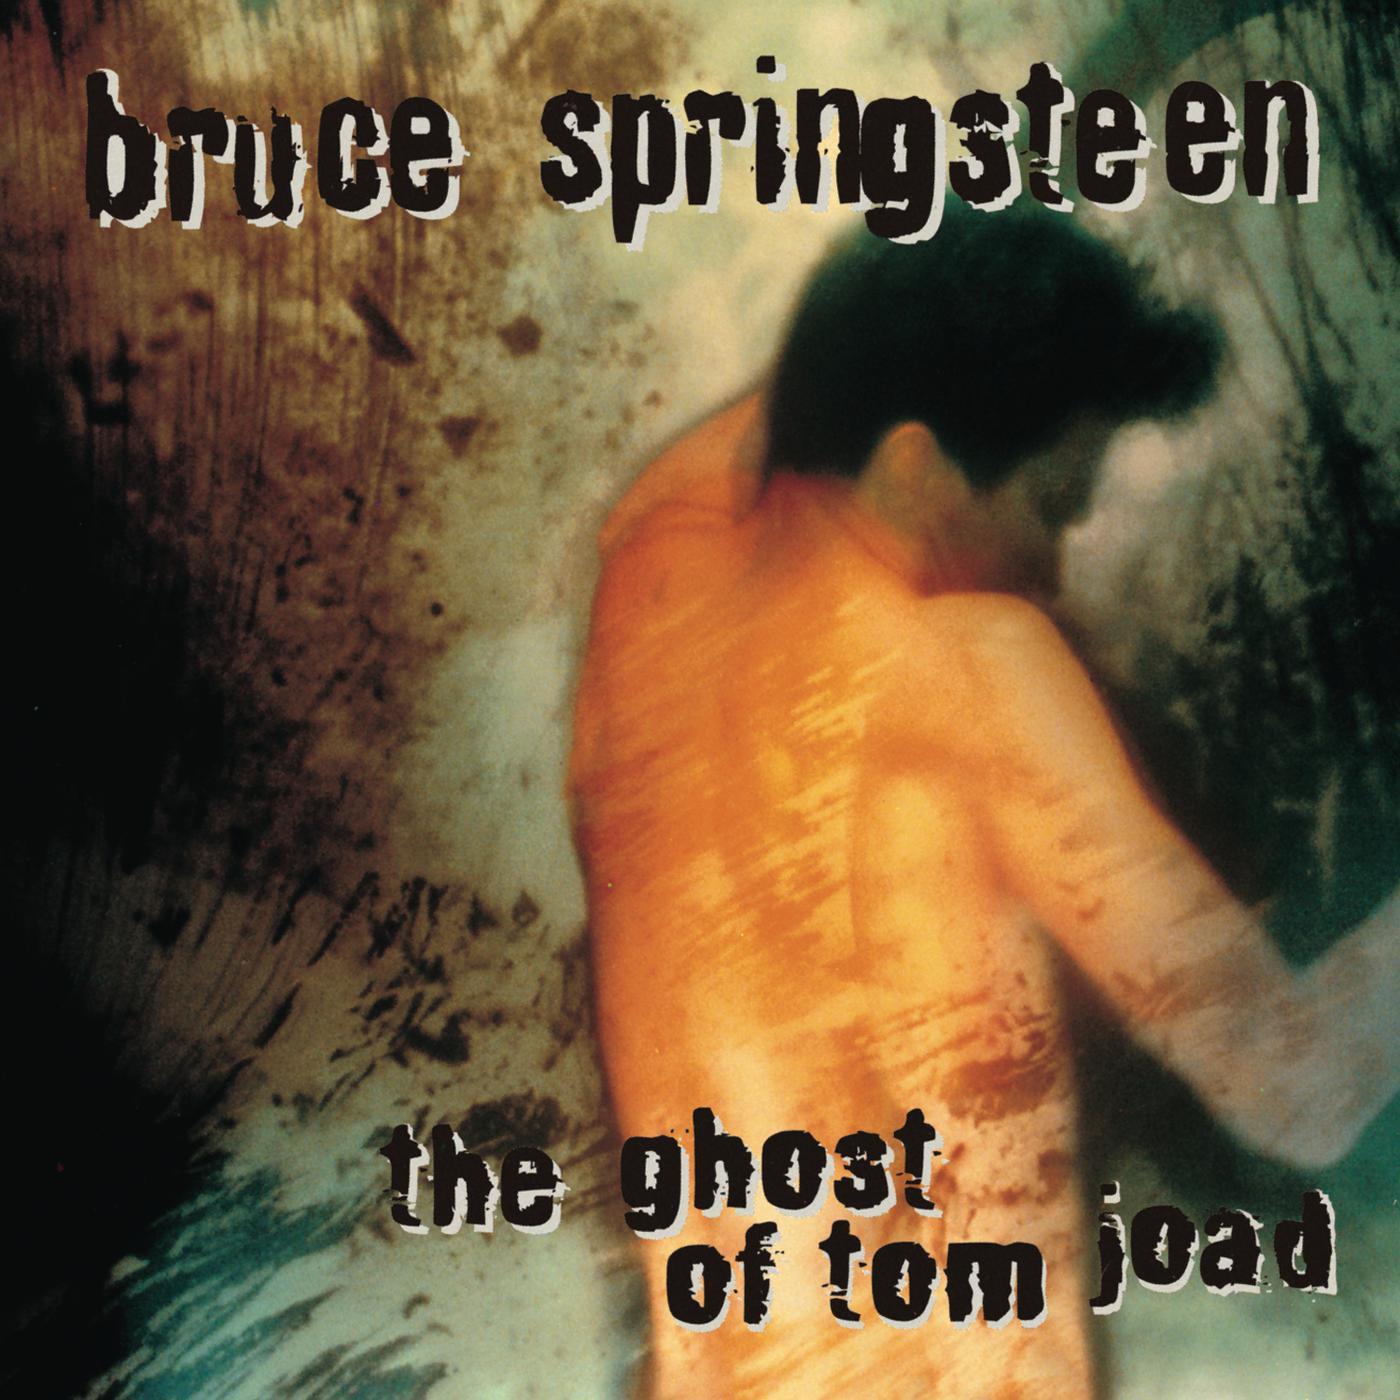 Bruce Springsteen - The Ghost of Tom Joad (1995)  Présenté par Vincent Arquillière Fondation Goodplanet